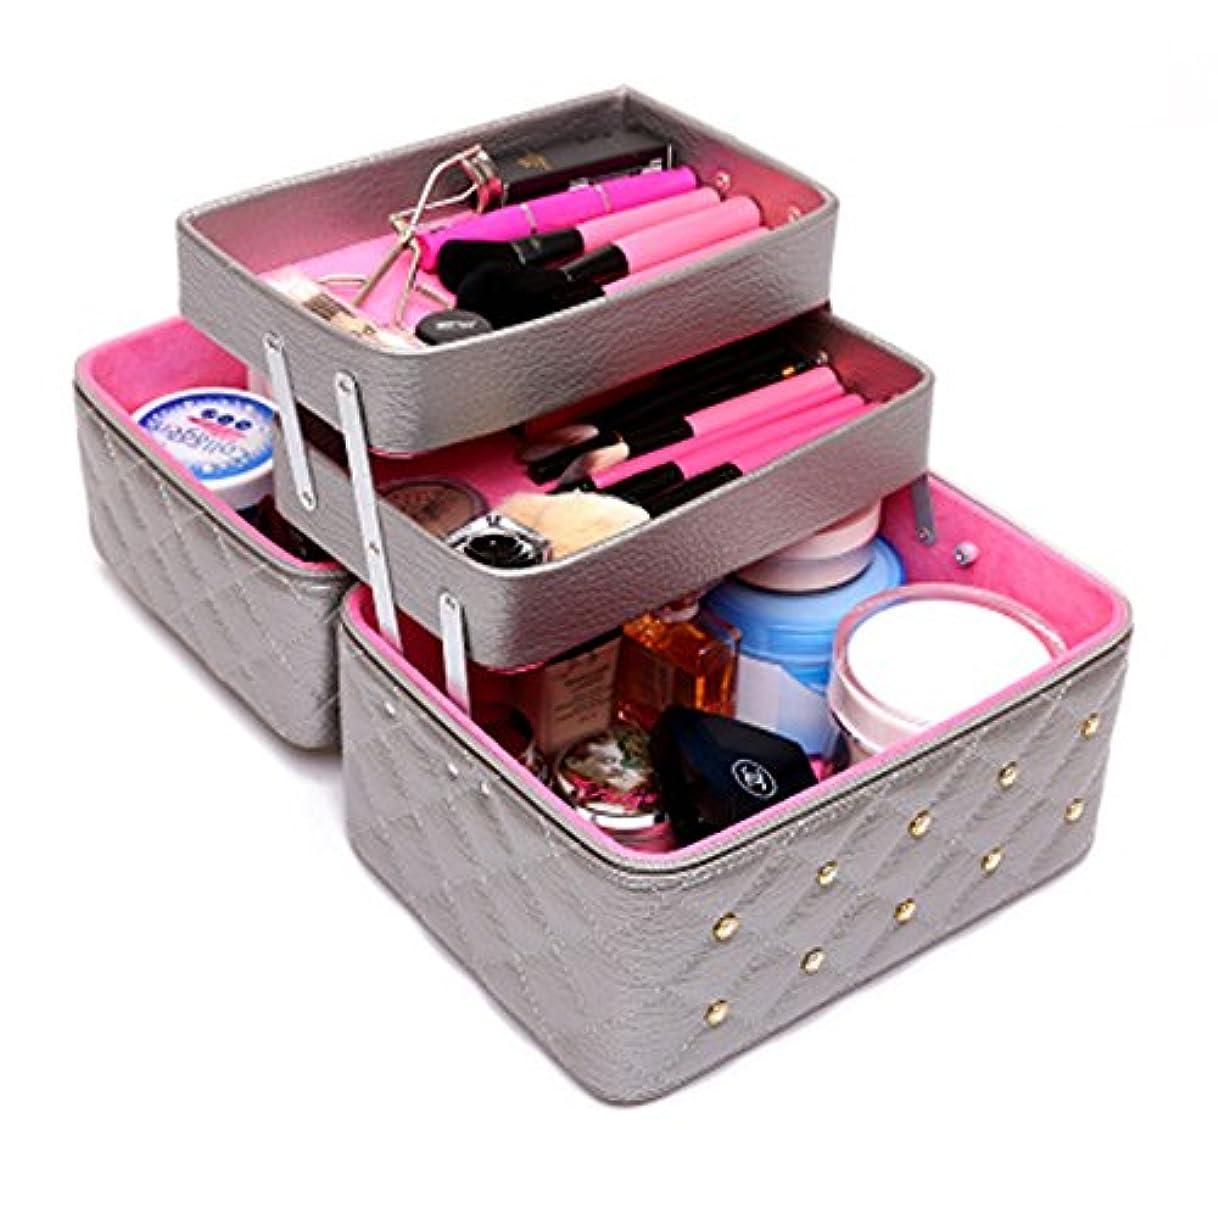 サーバントセンチメンタル憤るFYX メイクボックス コスメボックス 大容量 化粧品収納ボックス 収納ケース 小物入れ 大容量 取っ手付 (グレー)